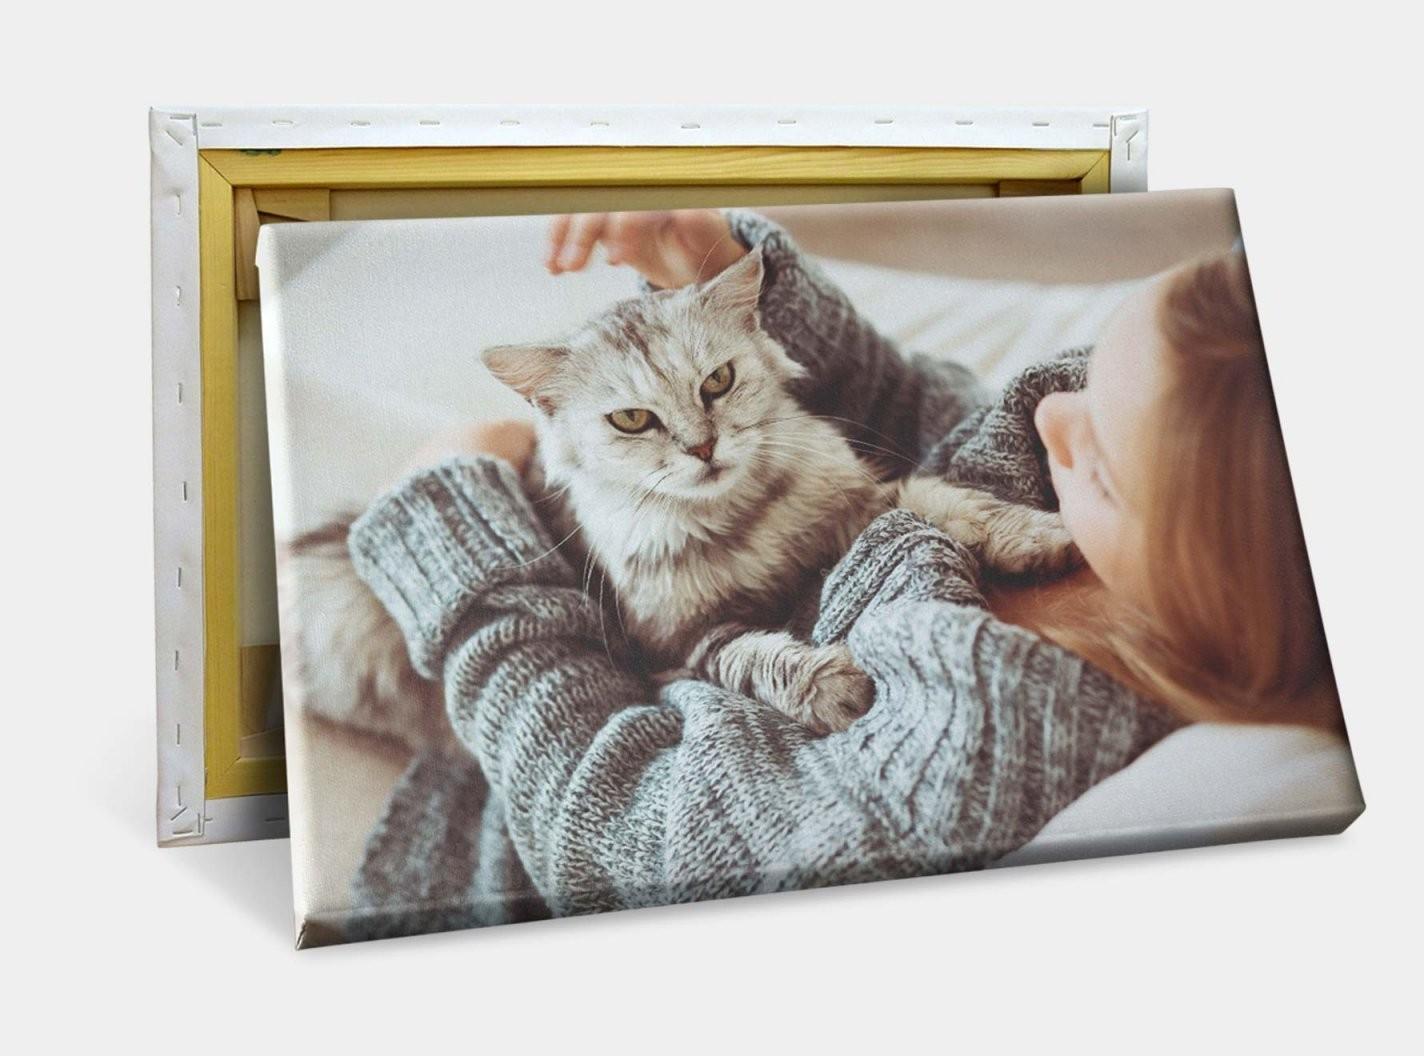 Leinwandbilder Selbst Gestalten Mit Eigenen Fotos   Myphotobook von Leinwand Collage Selber Gestalten Photo